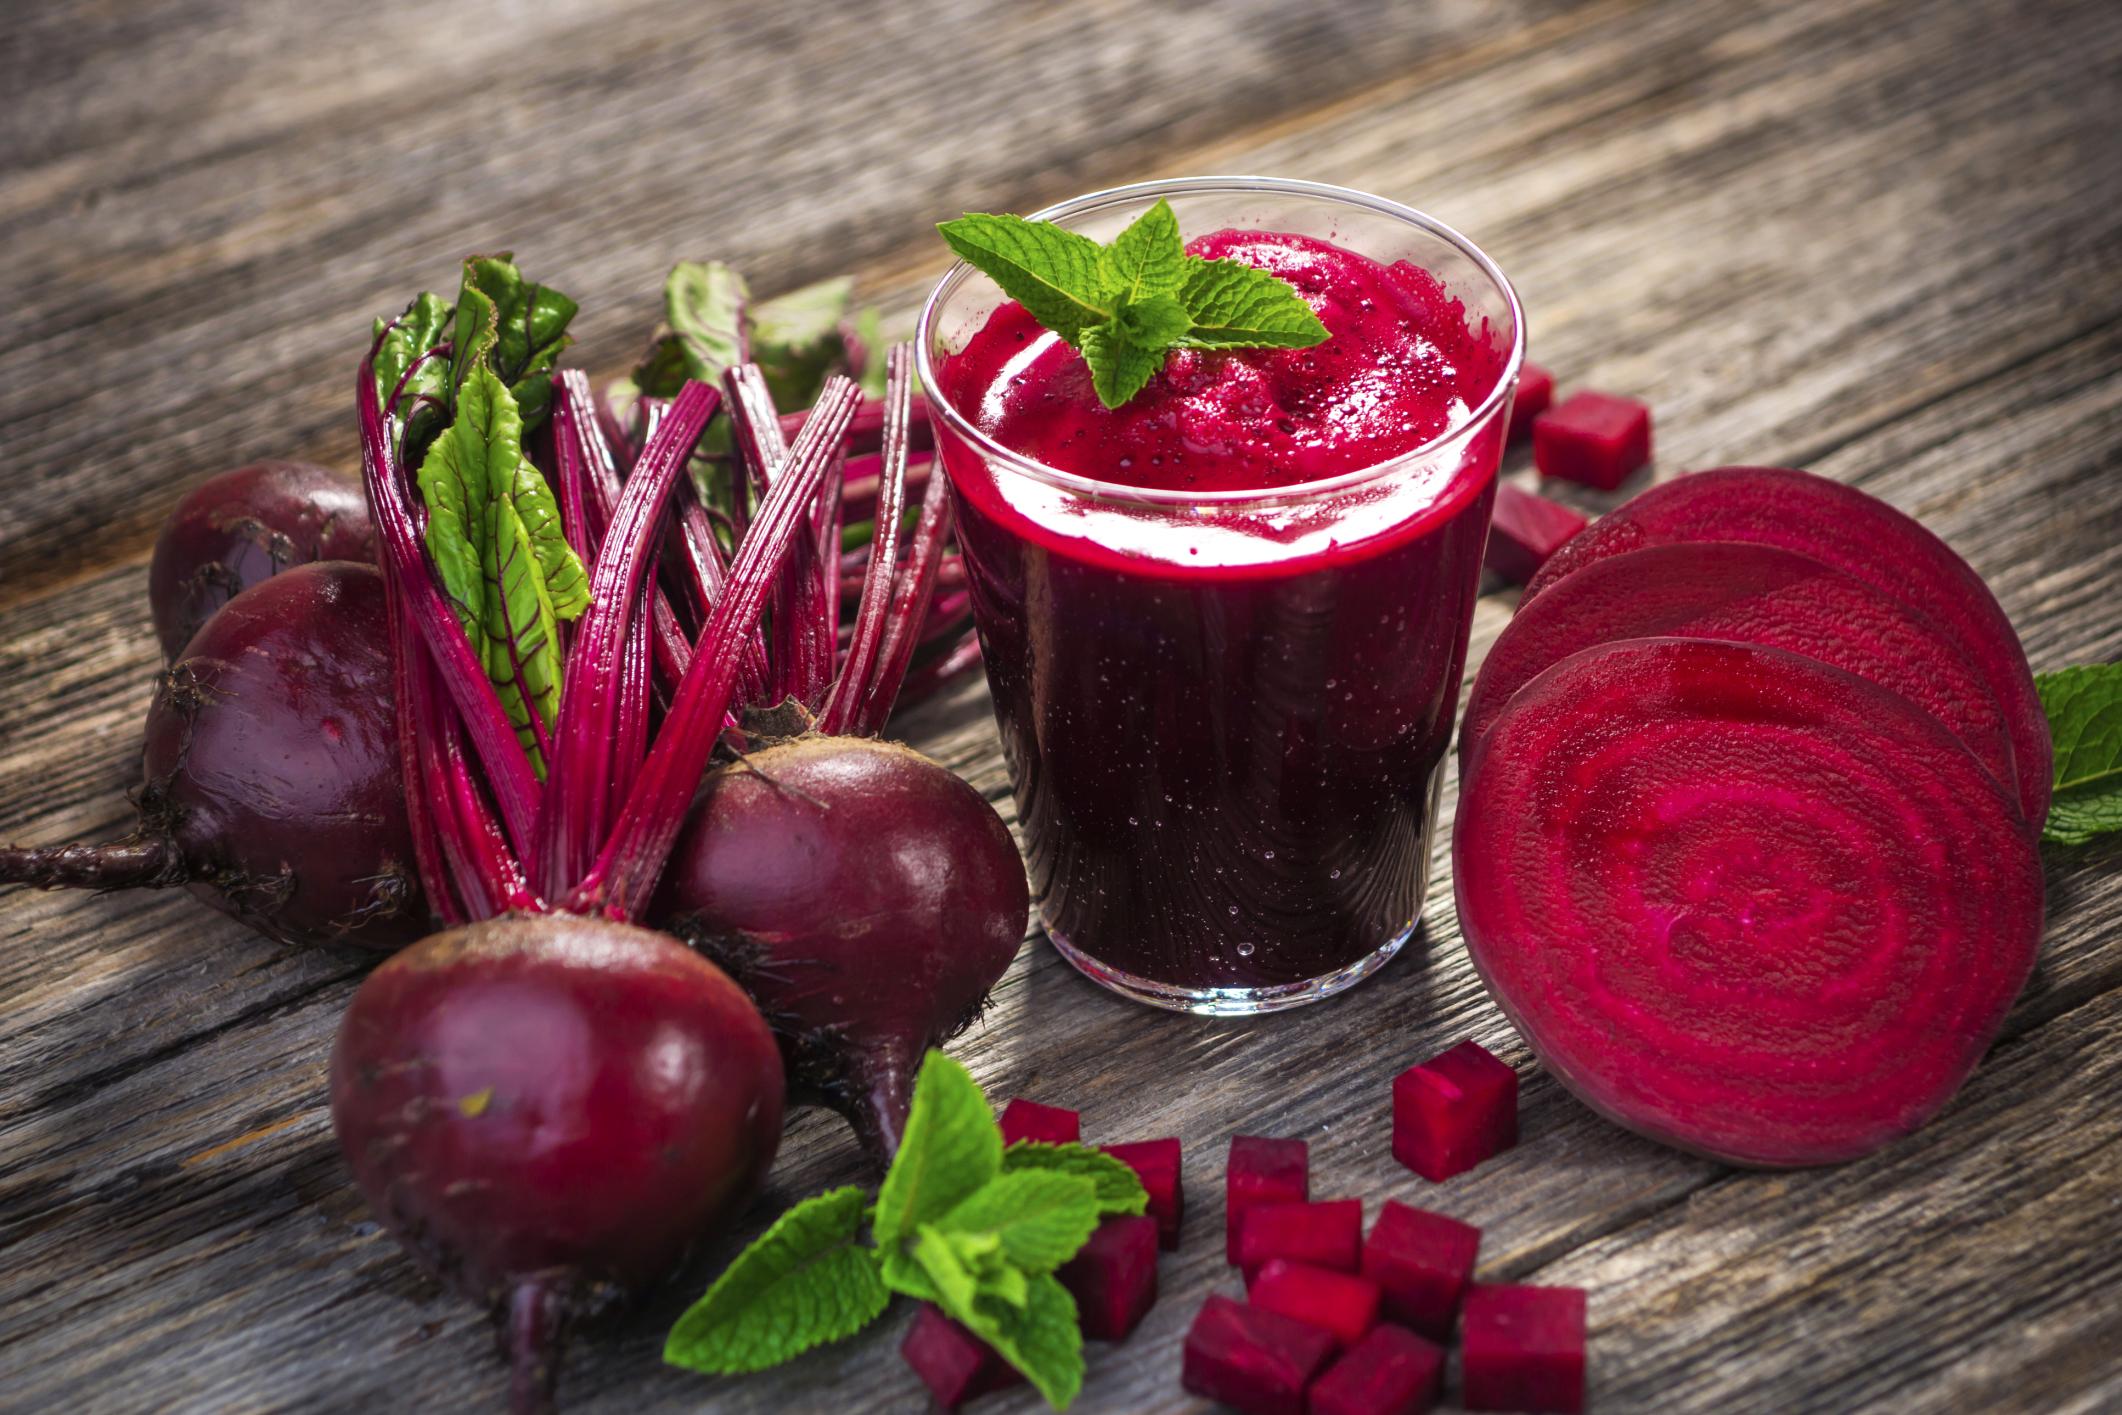 hipertóniát okozó ételek l Bokeria a magas vérnyomásról